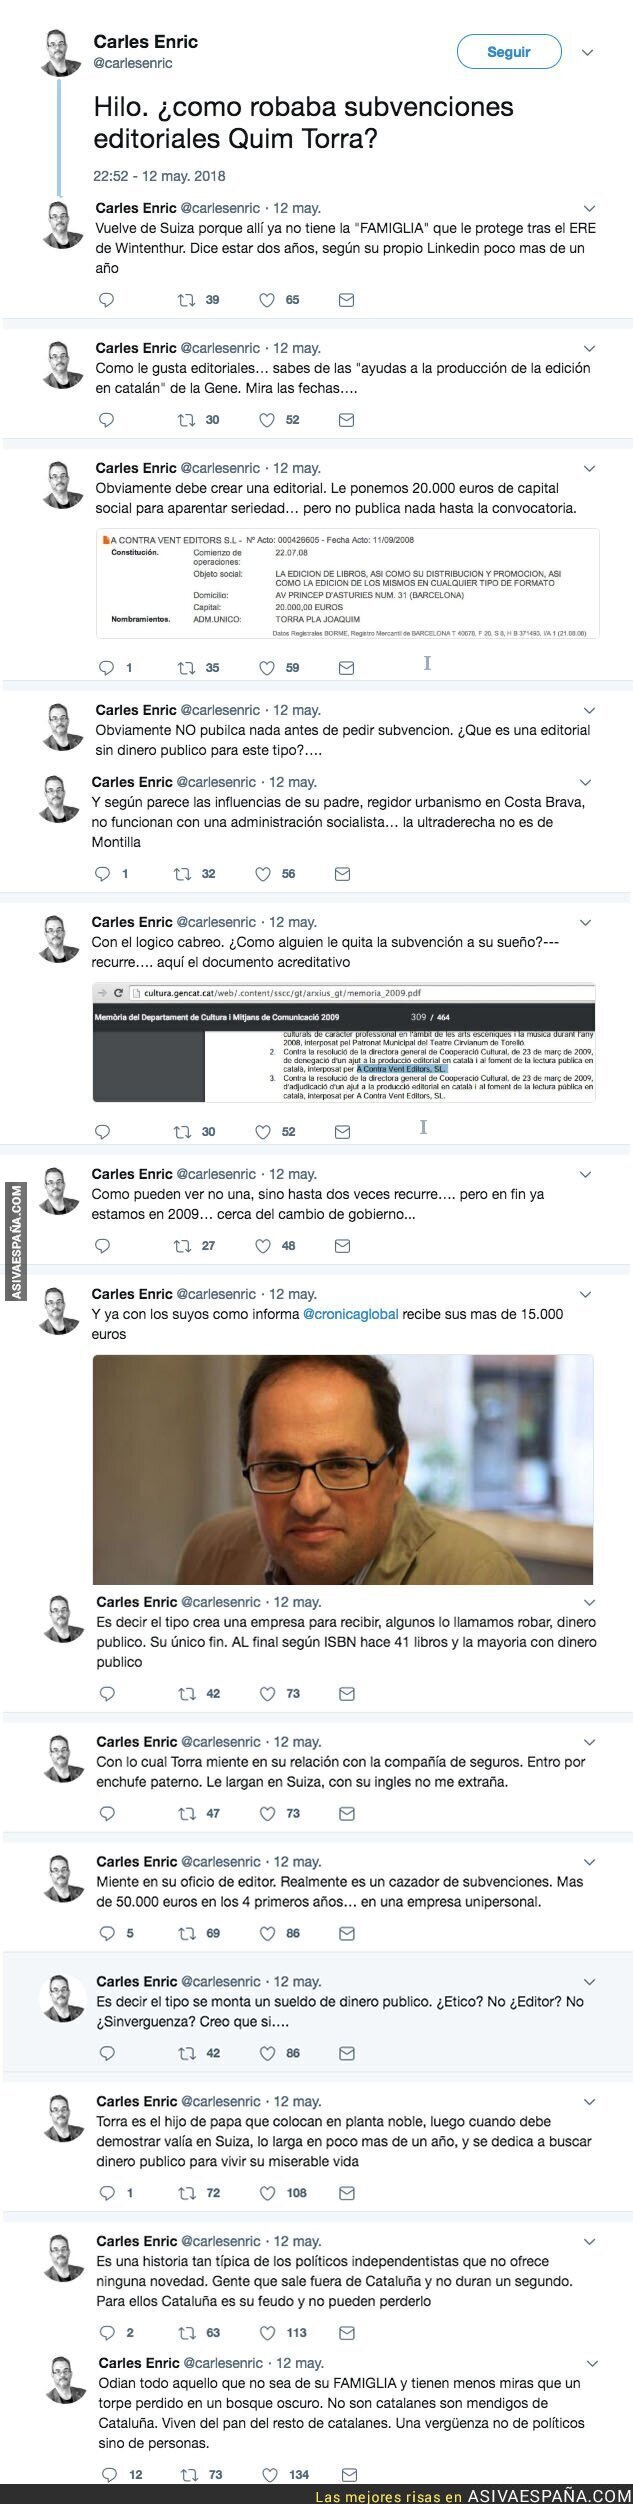 86794 - Las subvenciones editoriales que conseguía Quim Torra, el nuevo President de la Generalitat